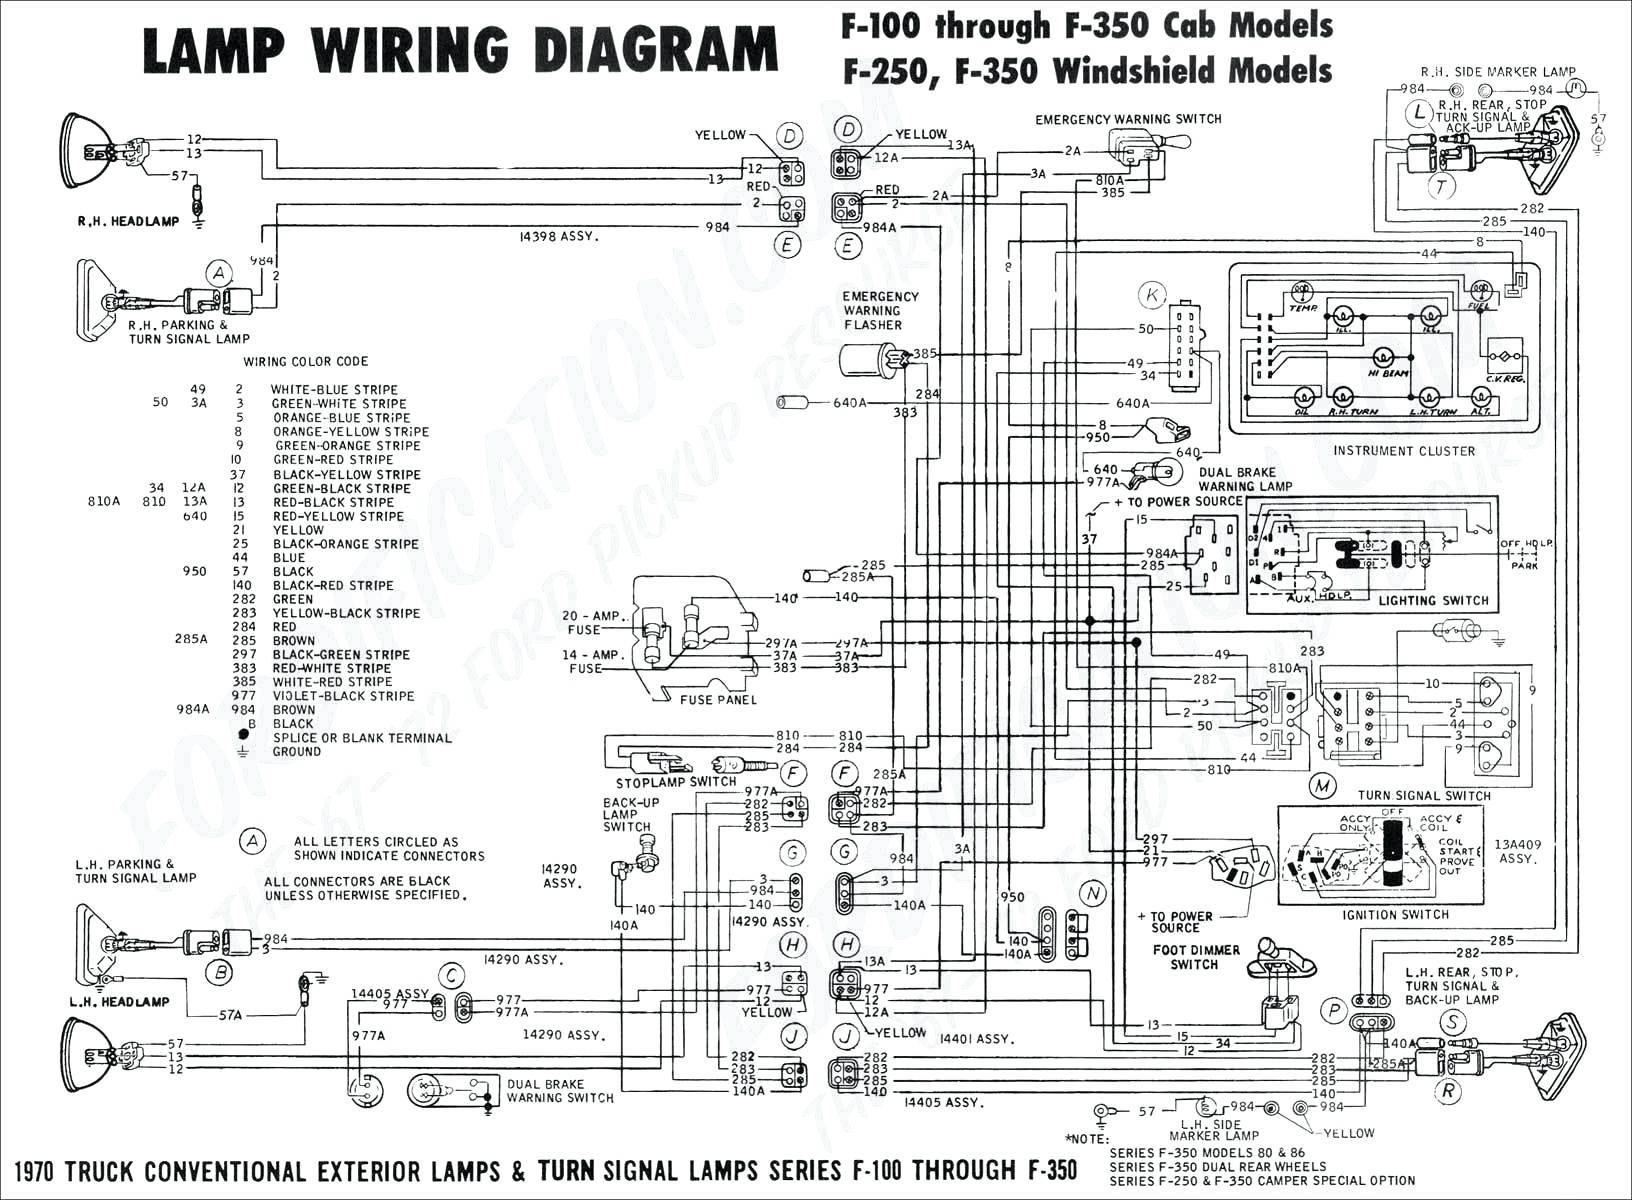 2005 Dodge Ram Infinity Radio Wiring Diagram 85z85r 3 Way Switch Wiring 2012 Dodge Ram Wiring Diagram Hd Of 2005 Dodge Ram Infinity Radio Wiring Diagram